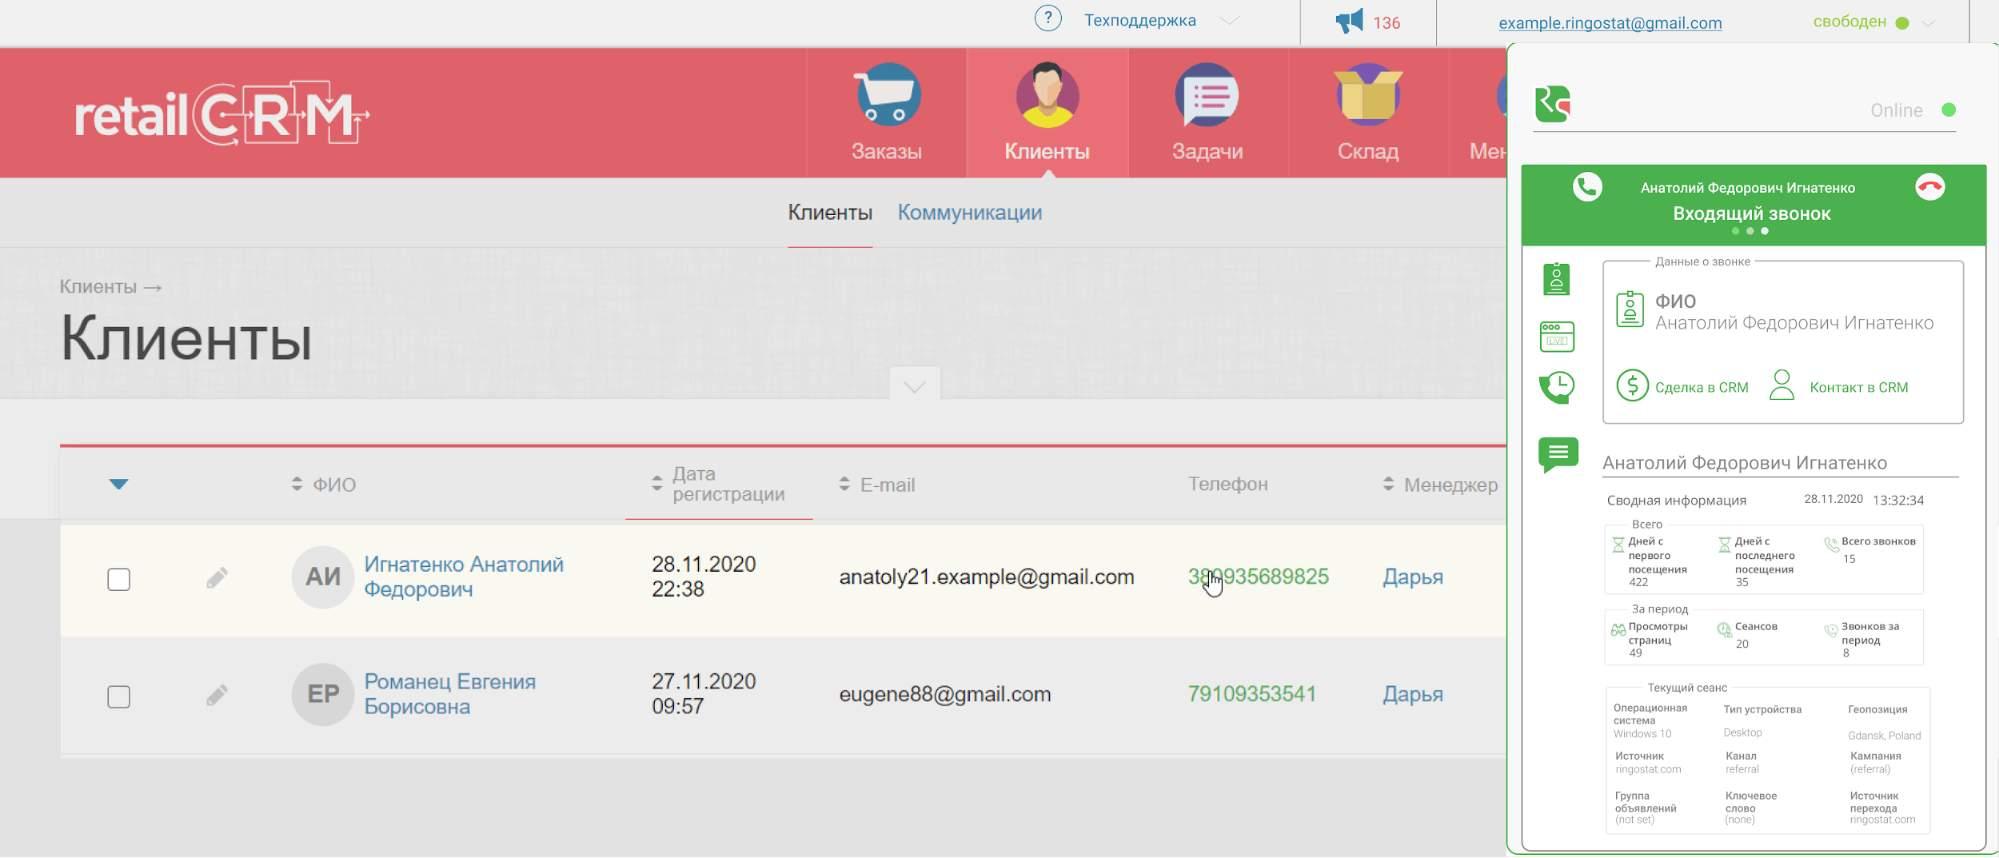 Как отображается Ringostat Smart Phone на фоне интерфейса retailCRM